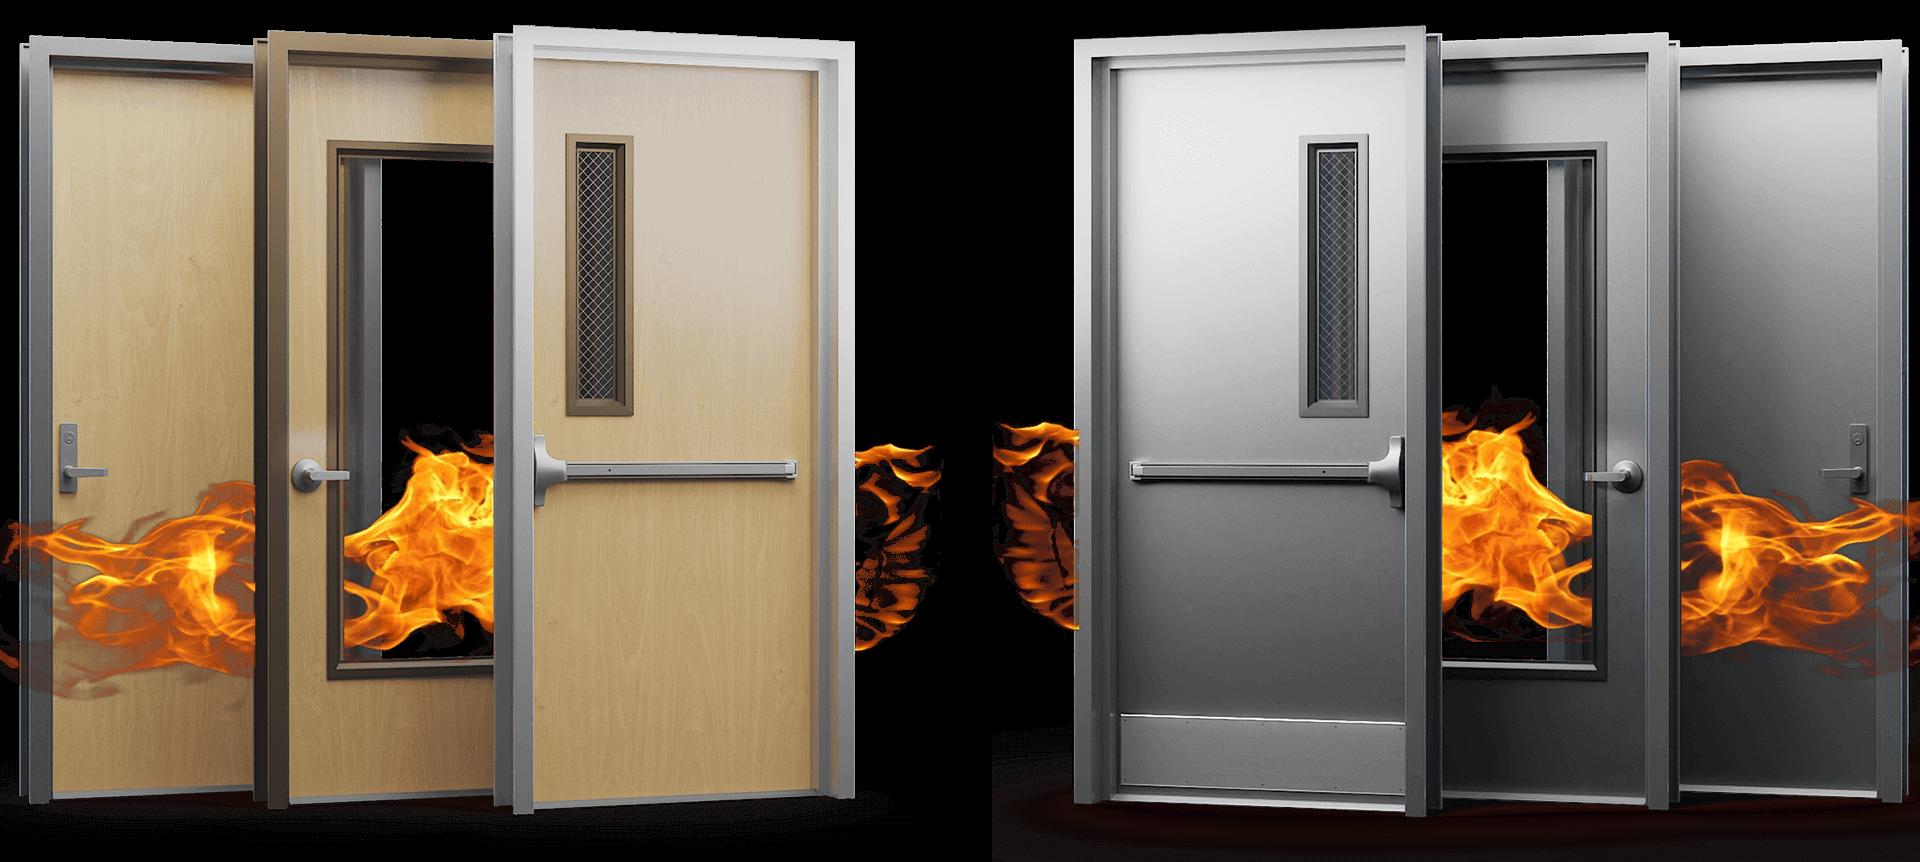 fire-doors-wood-and-metal-full-hero-shot v1